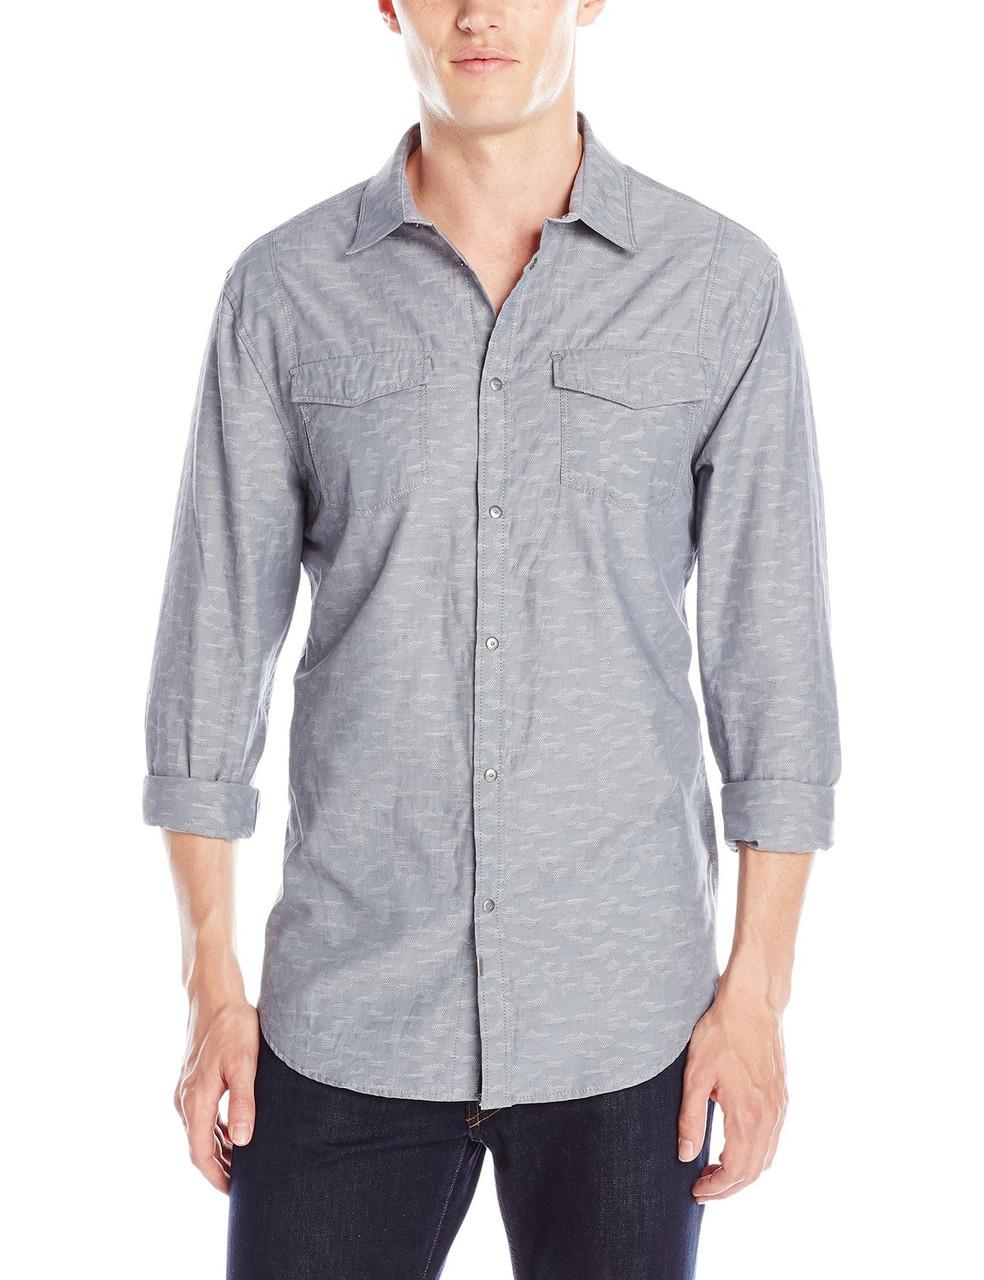 Рубашка Calvin Klein Jeans, XL, Black, 41LW116-010